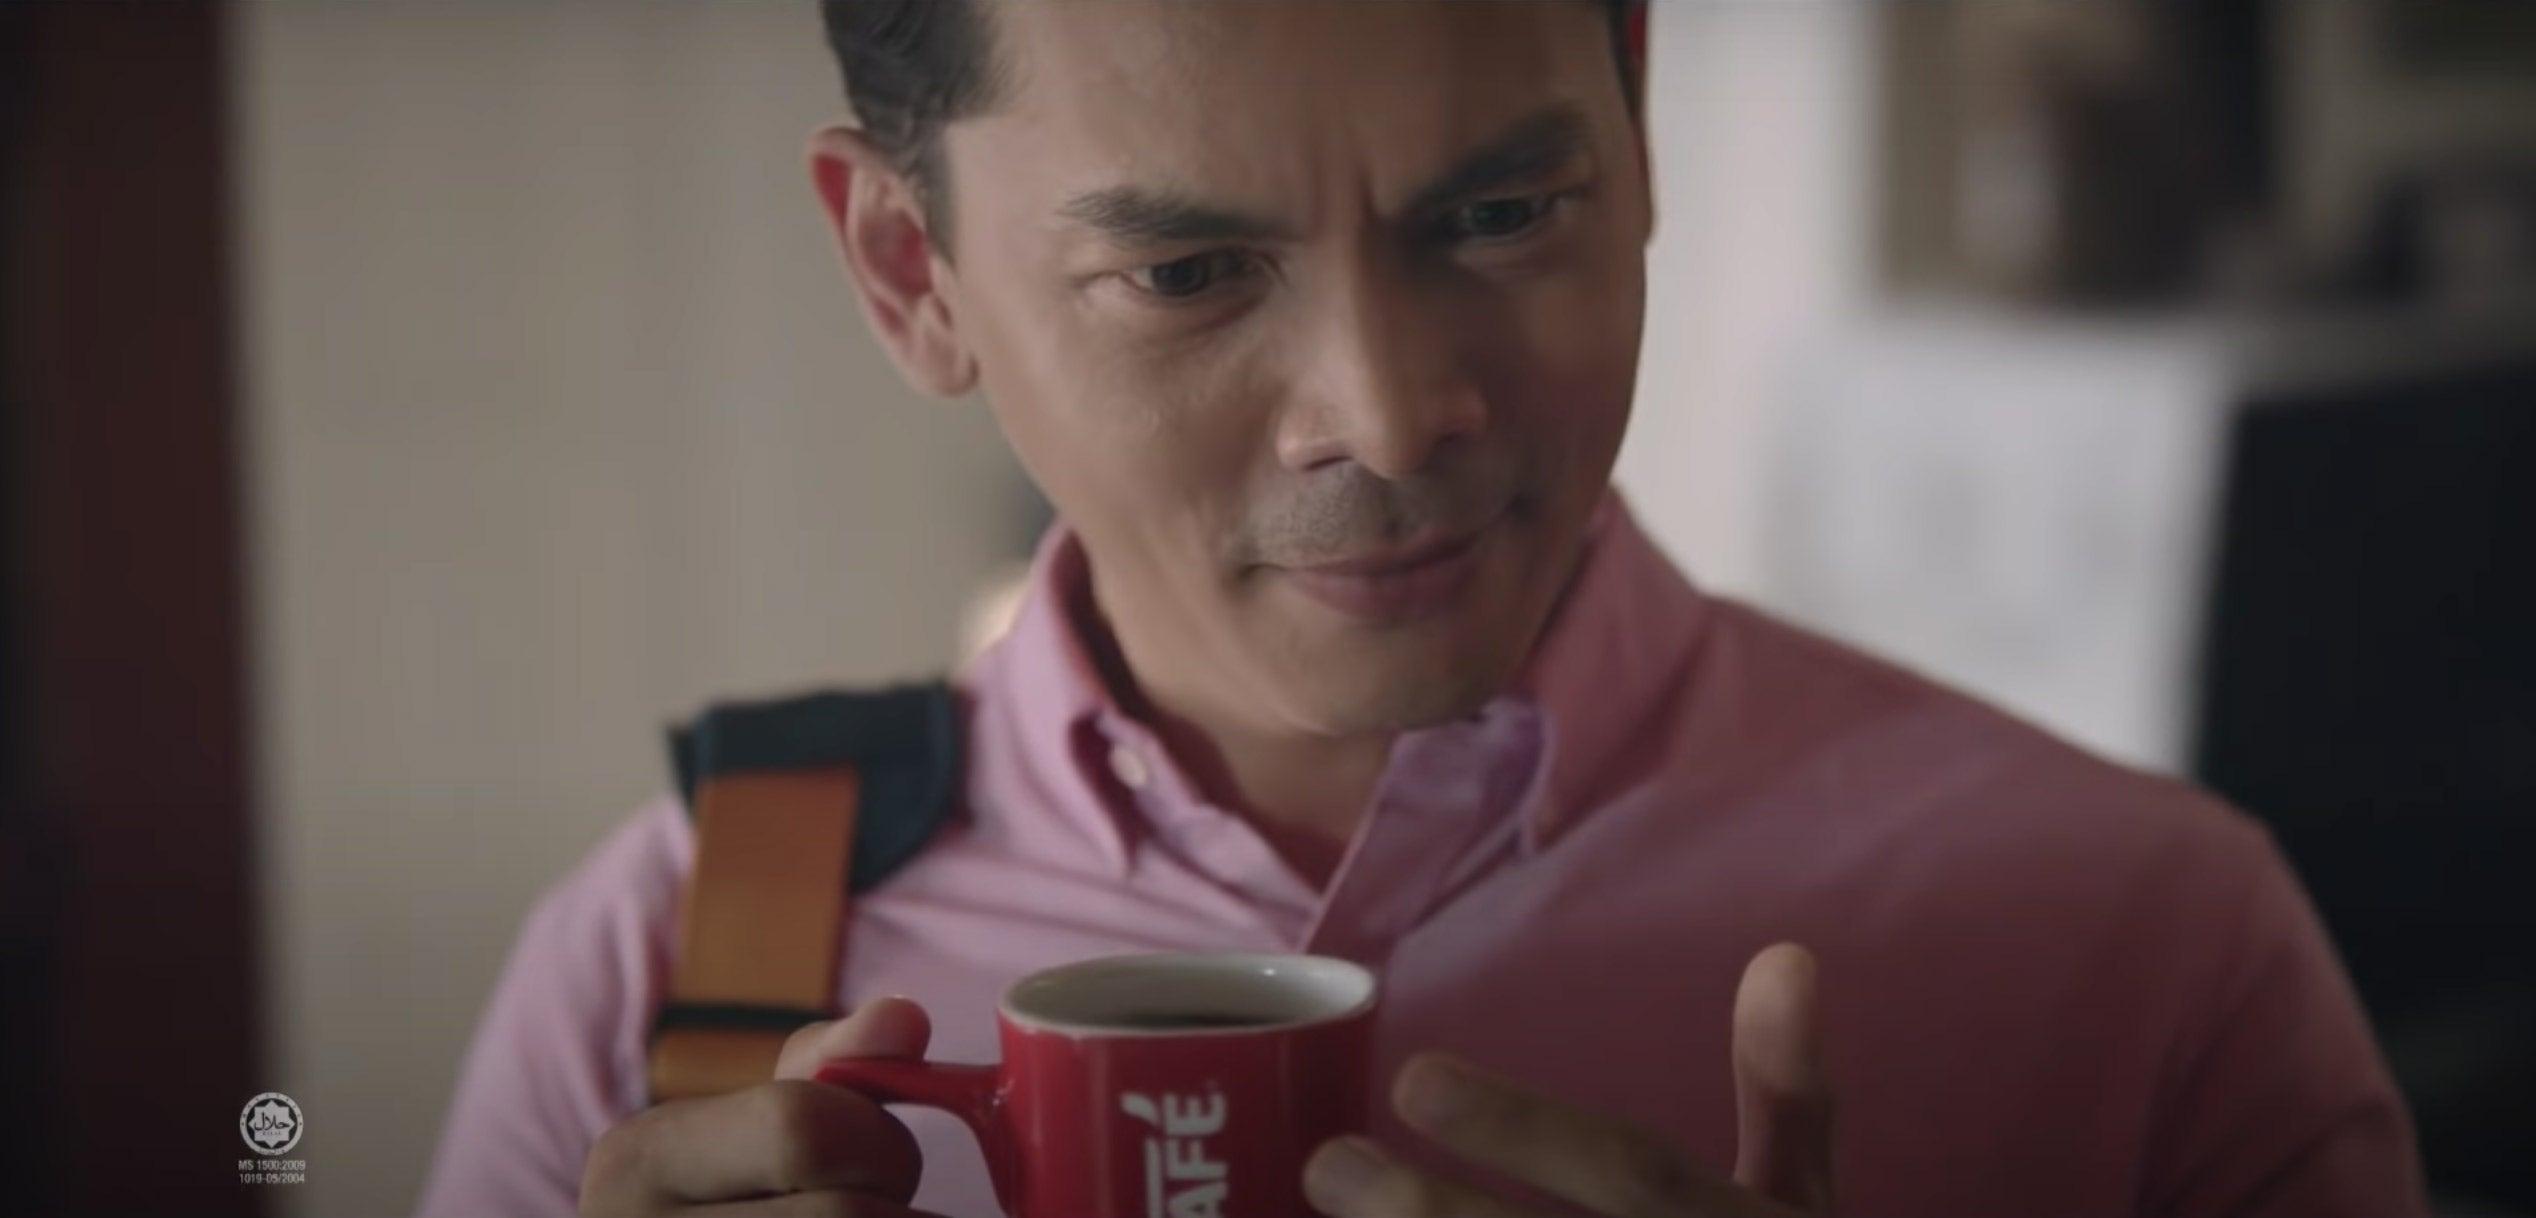 Nescafe Classic Campaign Video